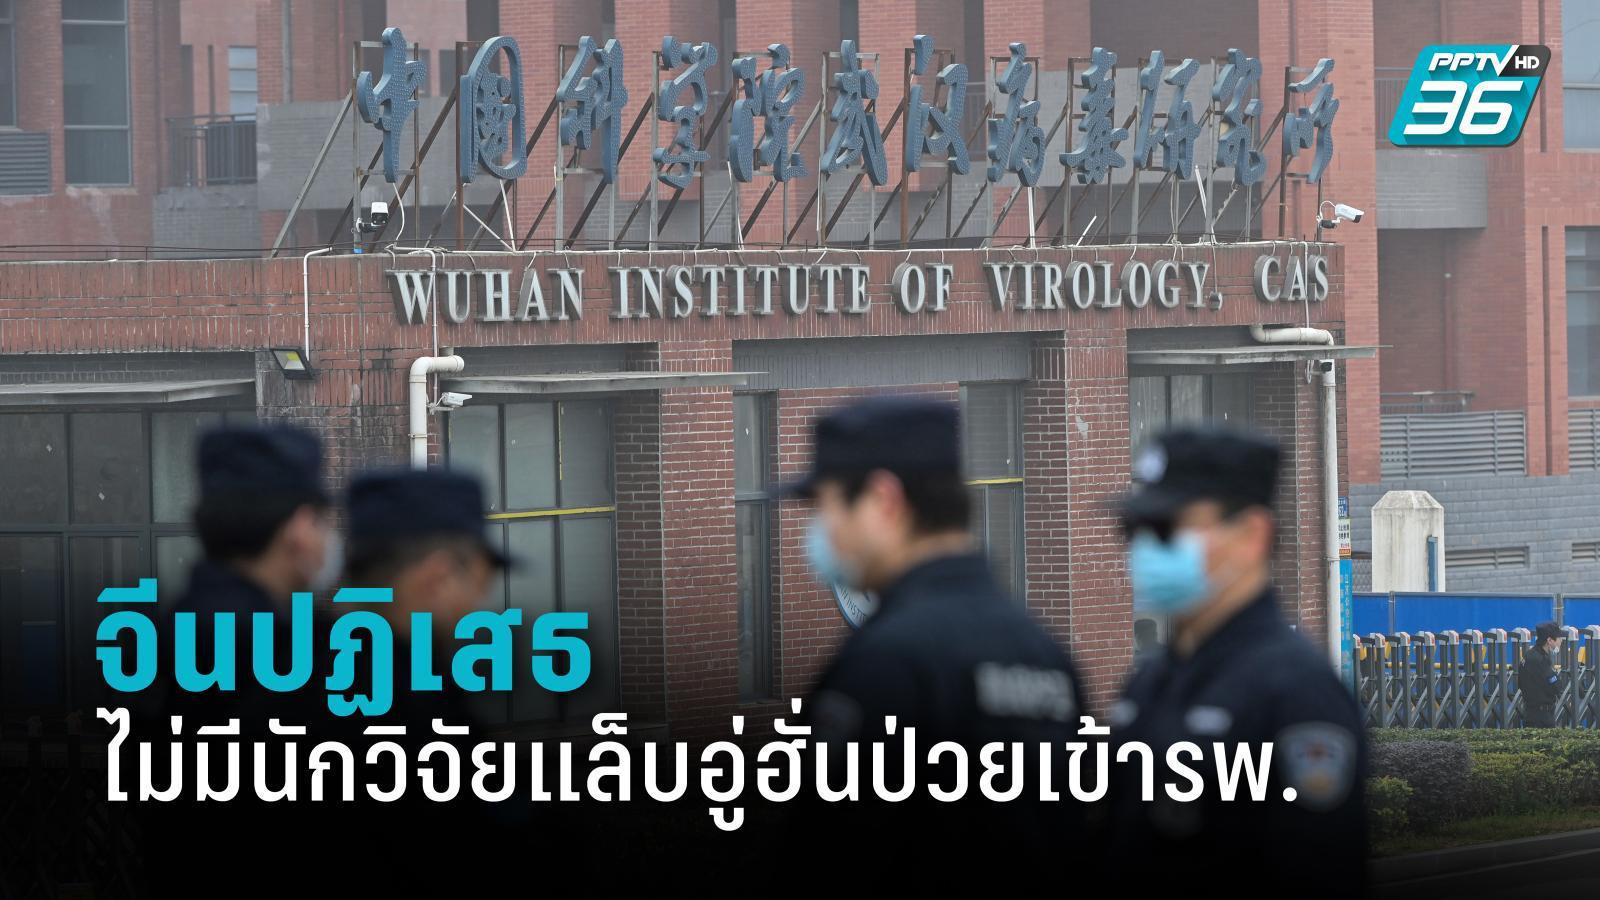 จีนปฏิเสธเสียงแข็ง ไม่มีนักวิจัยแล็บอู่ฮั่นเข้าโรงพยาบาล